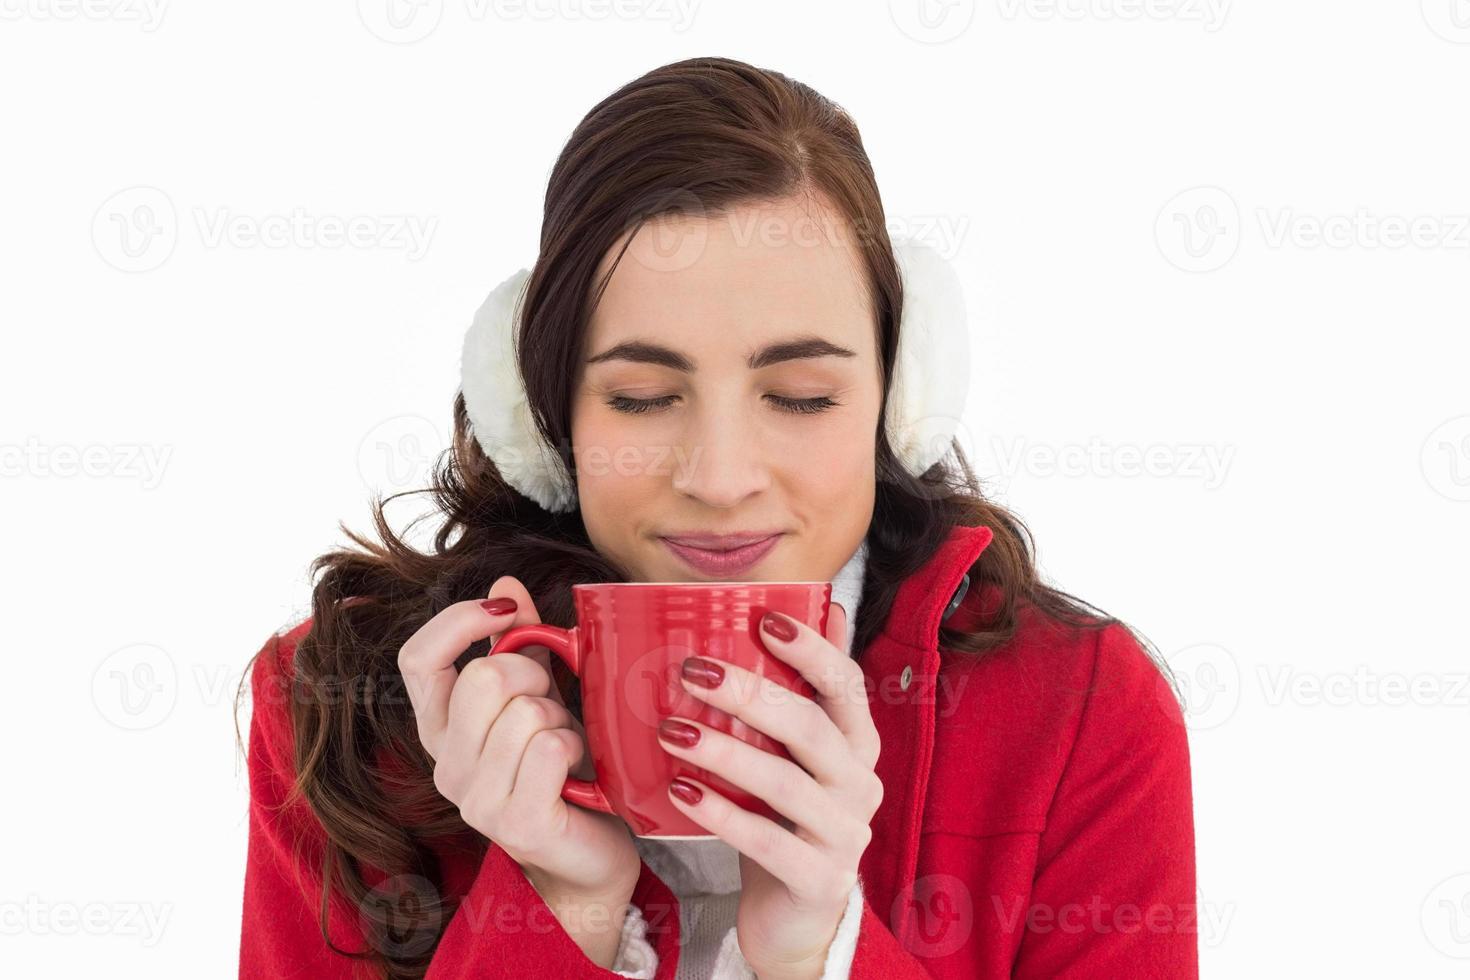 mulher em roupas de inverno, desfrutando de uma bebida quente de olhos fechados foto